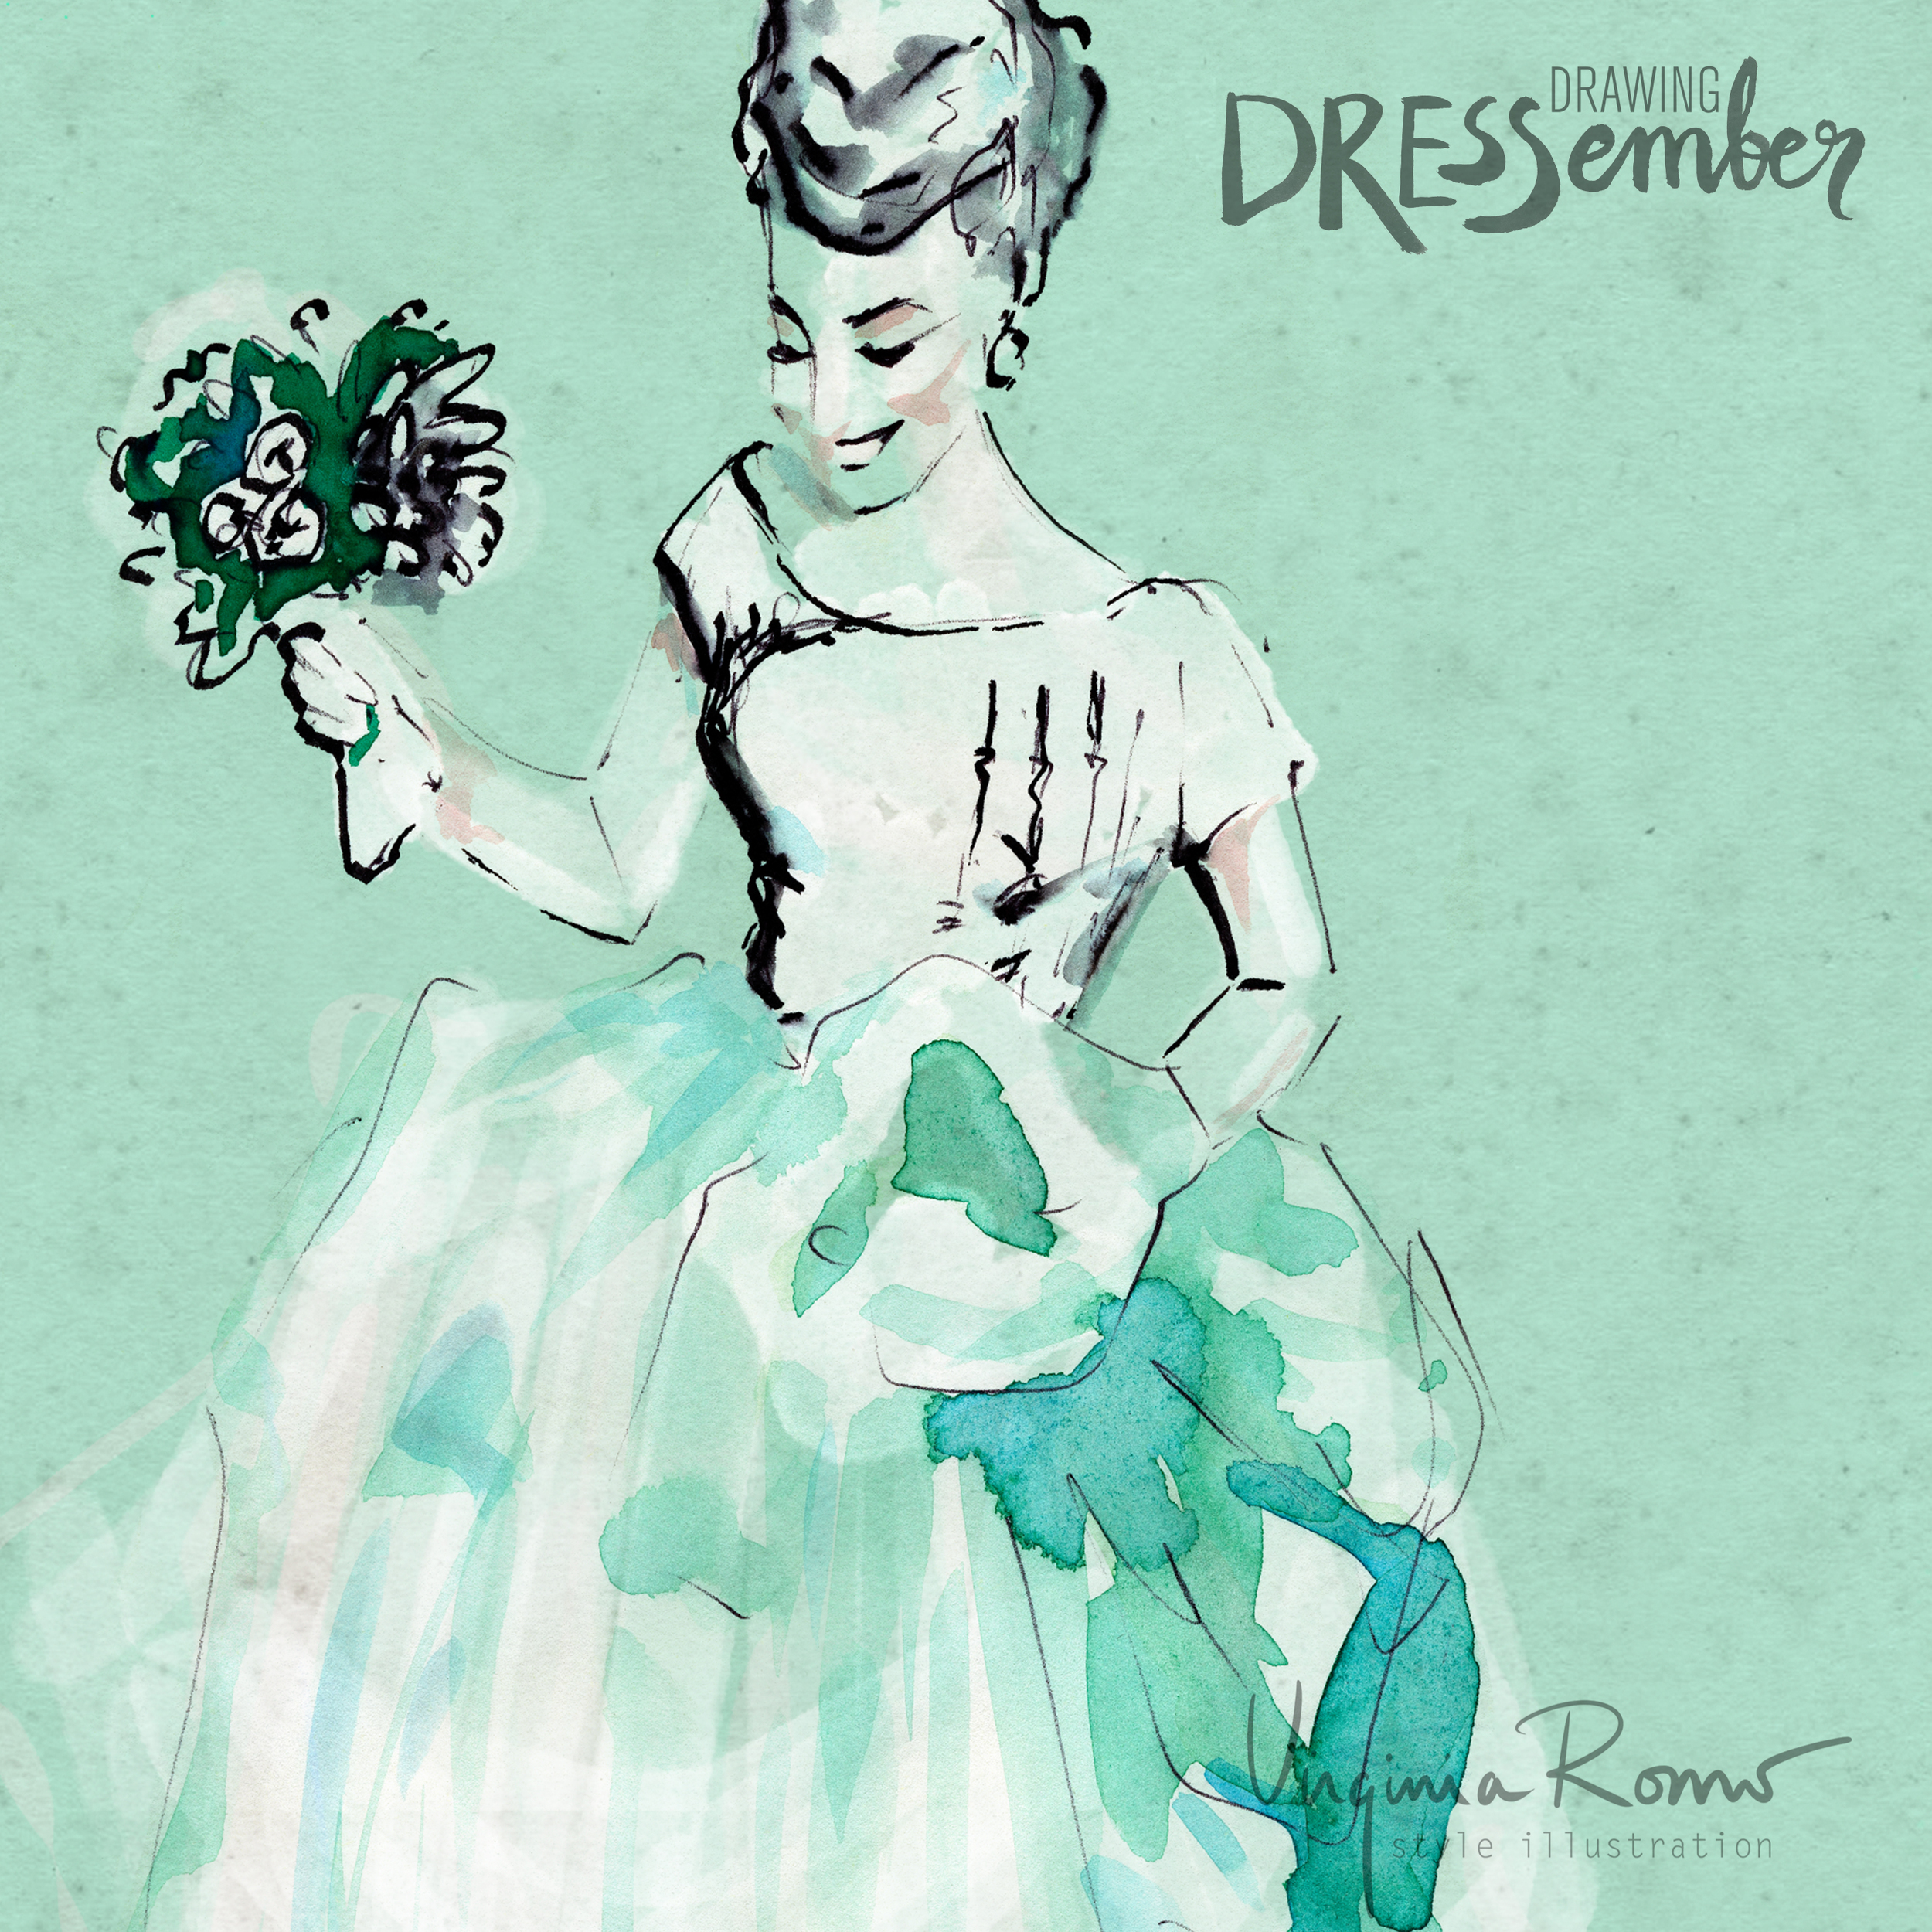 dressember-VirginiaRomoIllustration-16-Sonja-IG-BIG.jpg